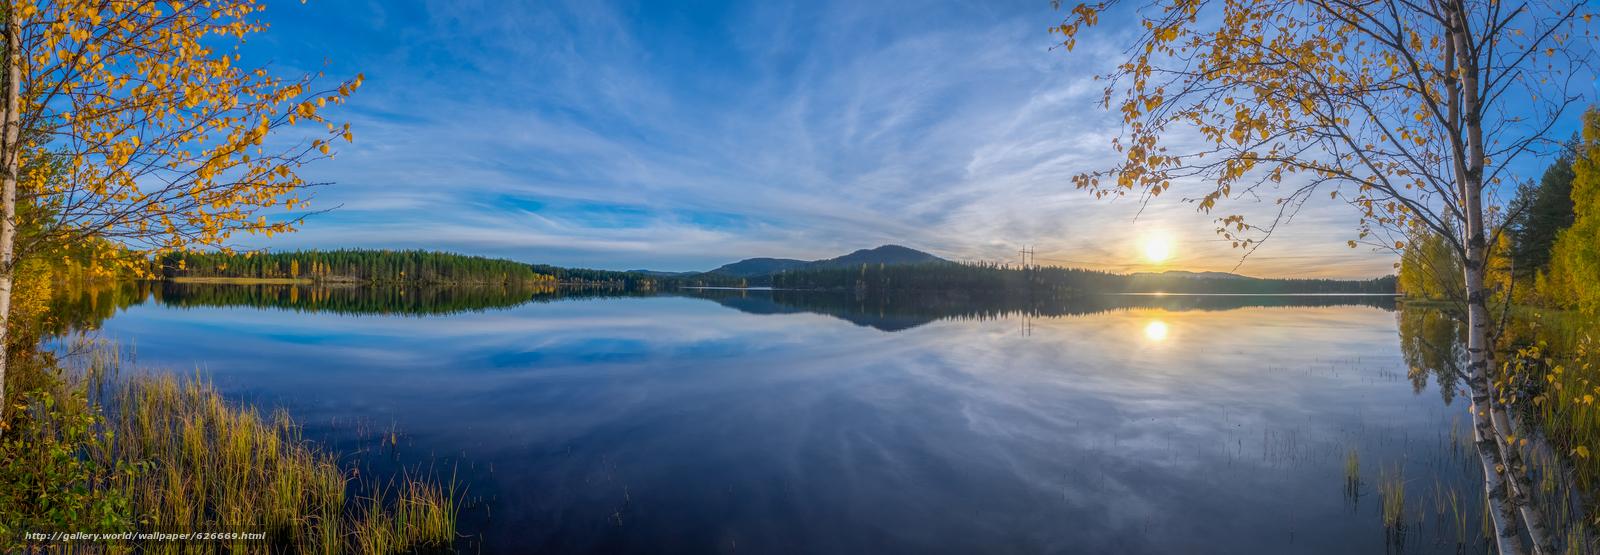 下载壁纸 日落,  湖,  景观,  达拉纳 免费为您的桌面分辨率的壁纸 8258x2862 — 图片 №626669